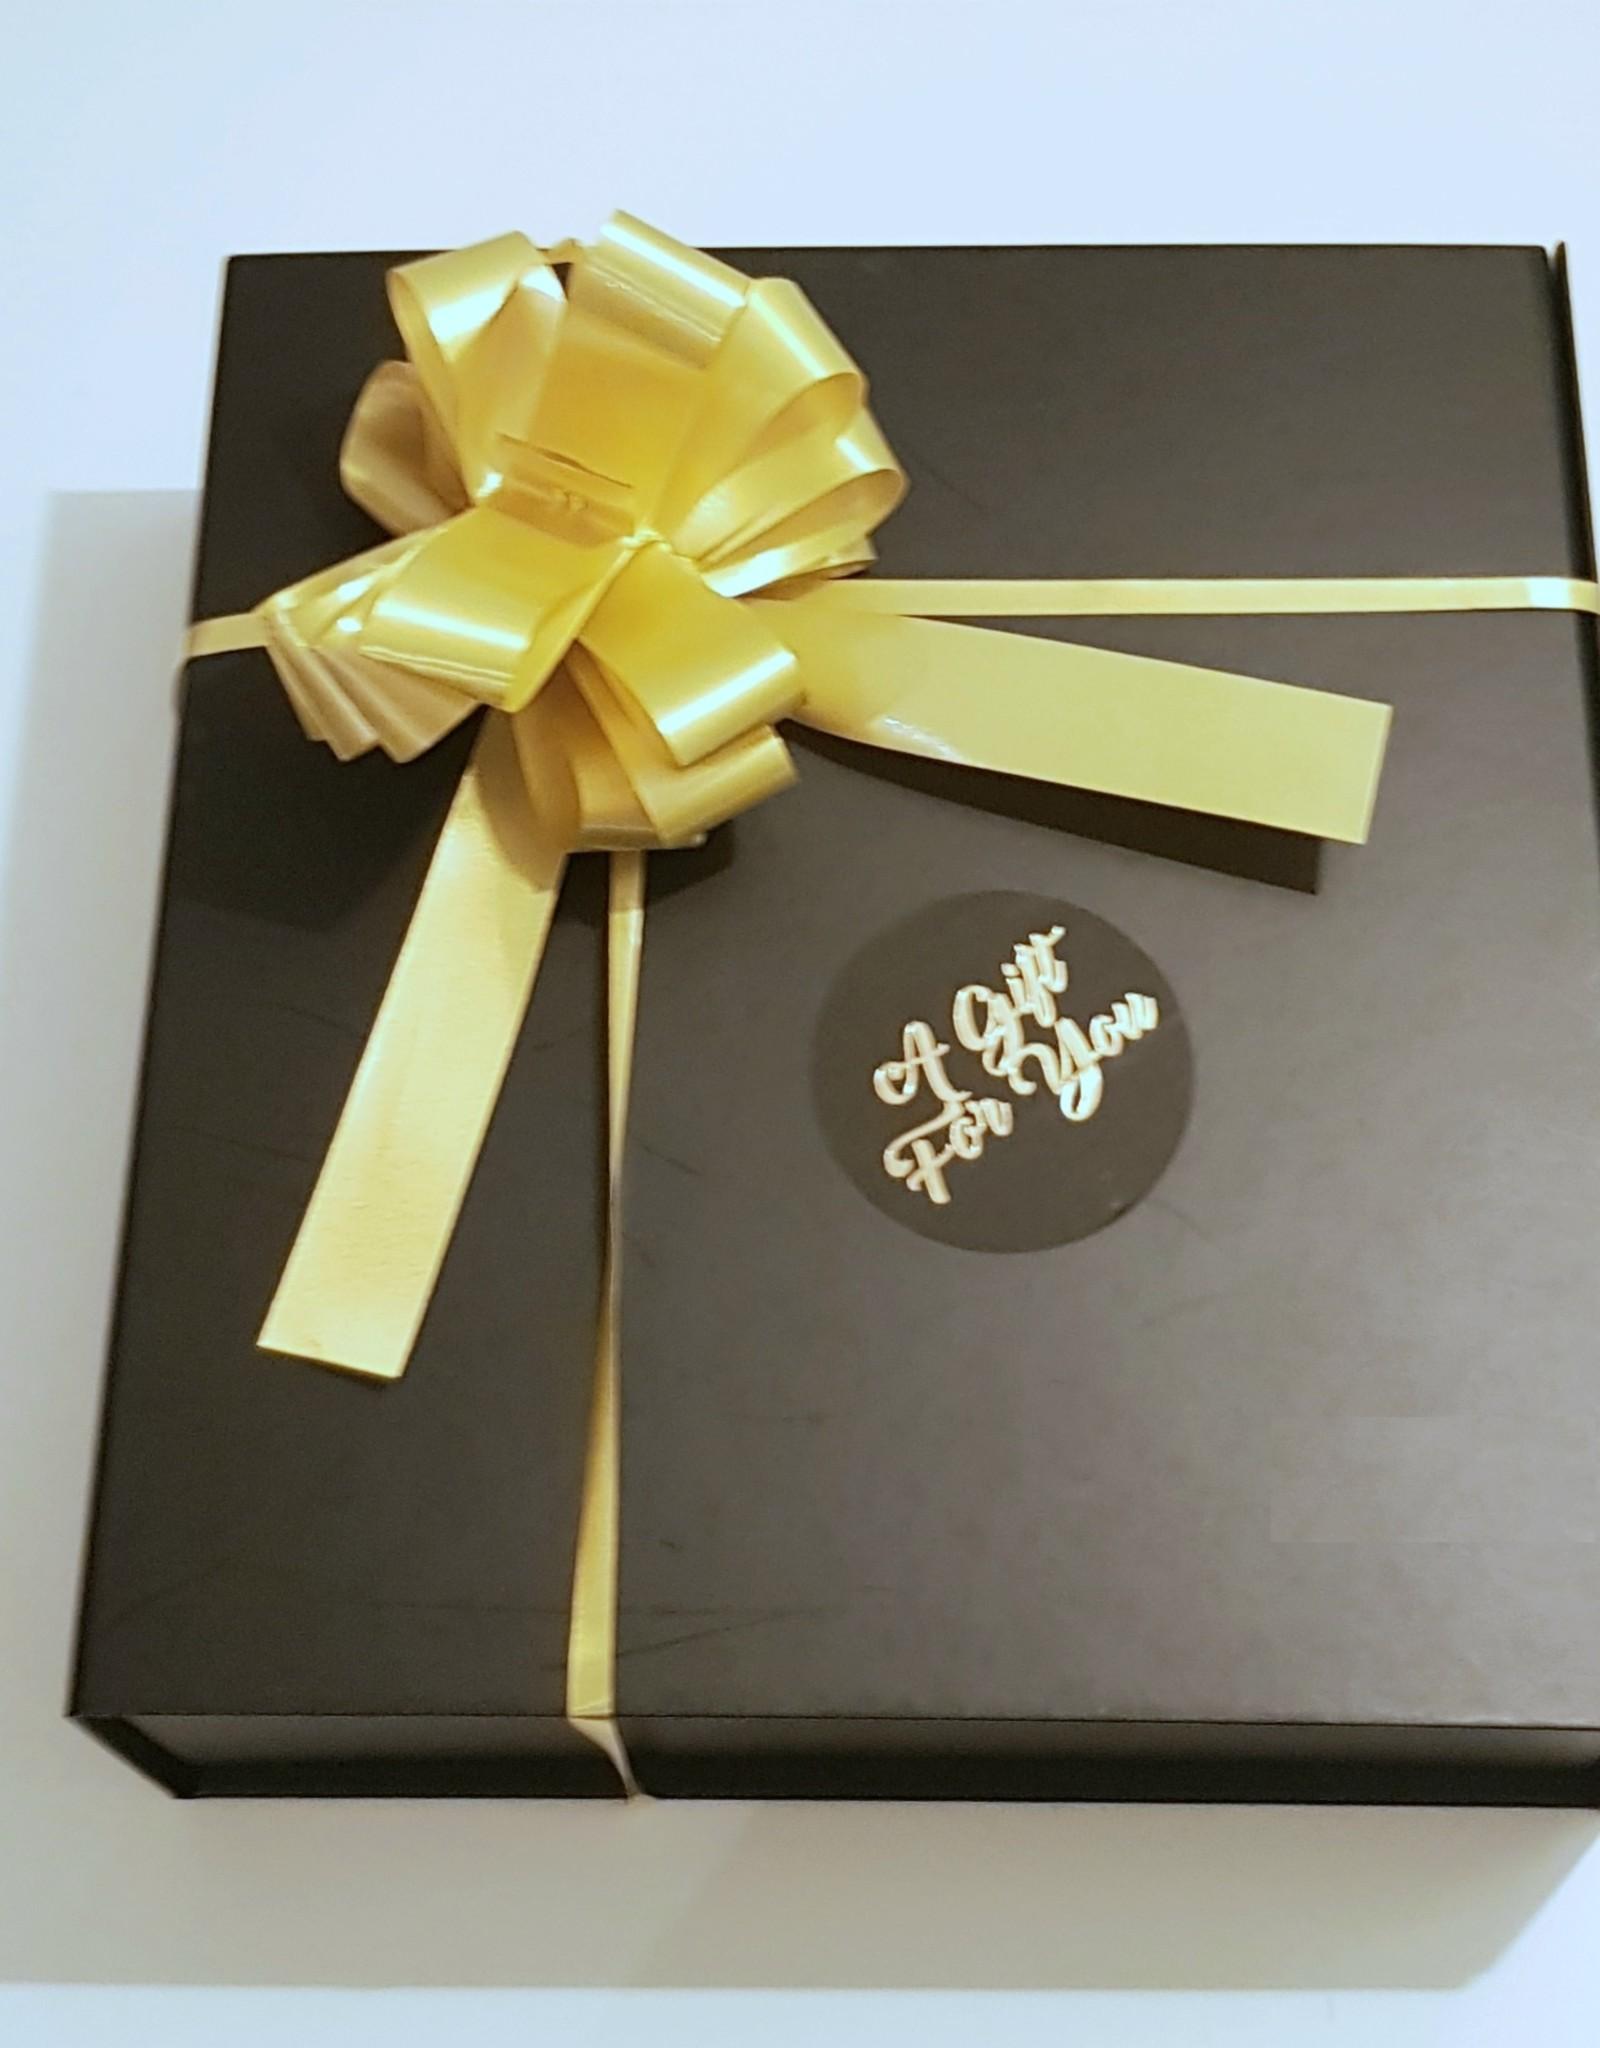 Sjolie Luxueze geschenkenset/ giftset van Sjolie selftan bronzing mousse met een Sjolie tan extender crème